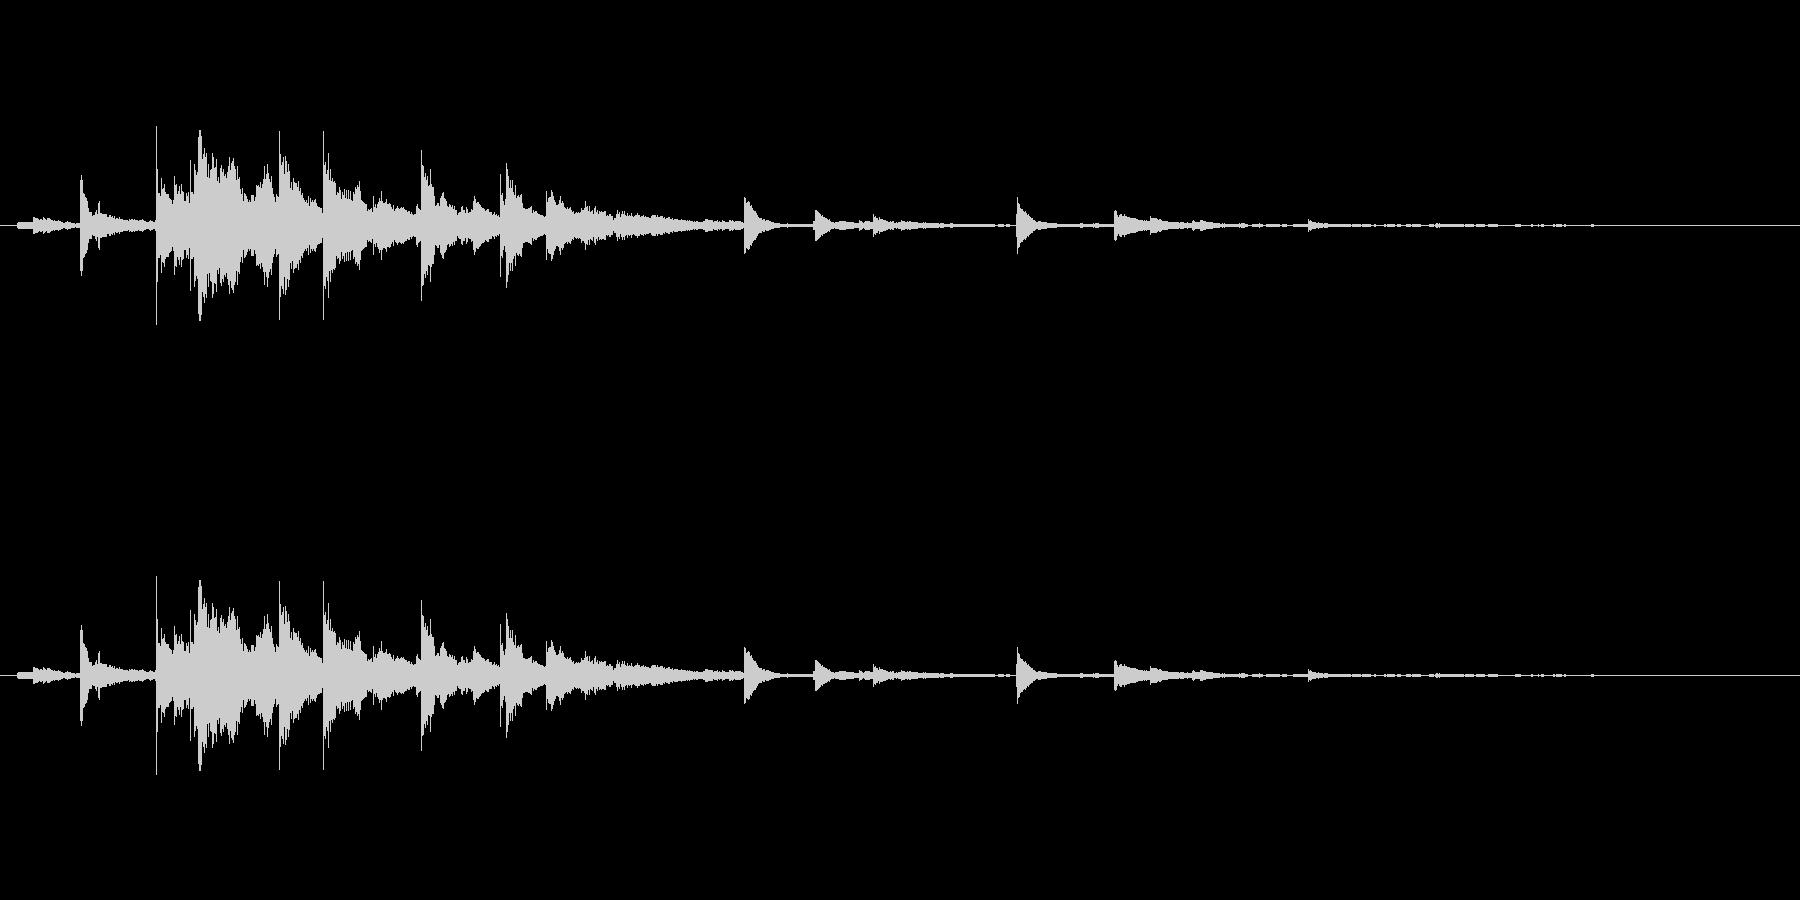 メタル 風鈴09の未再生の波形